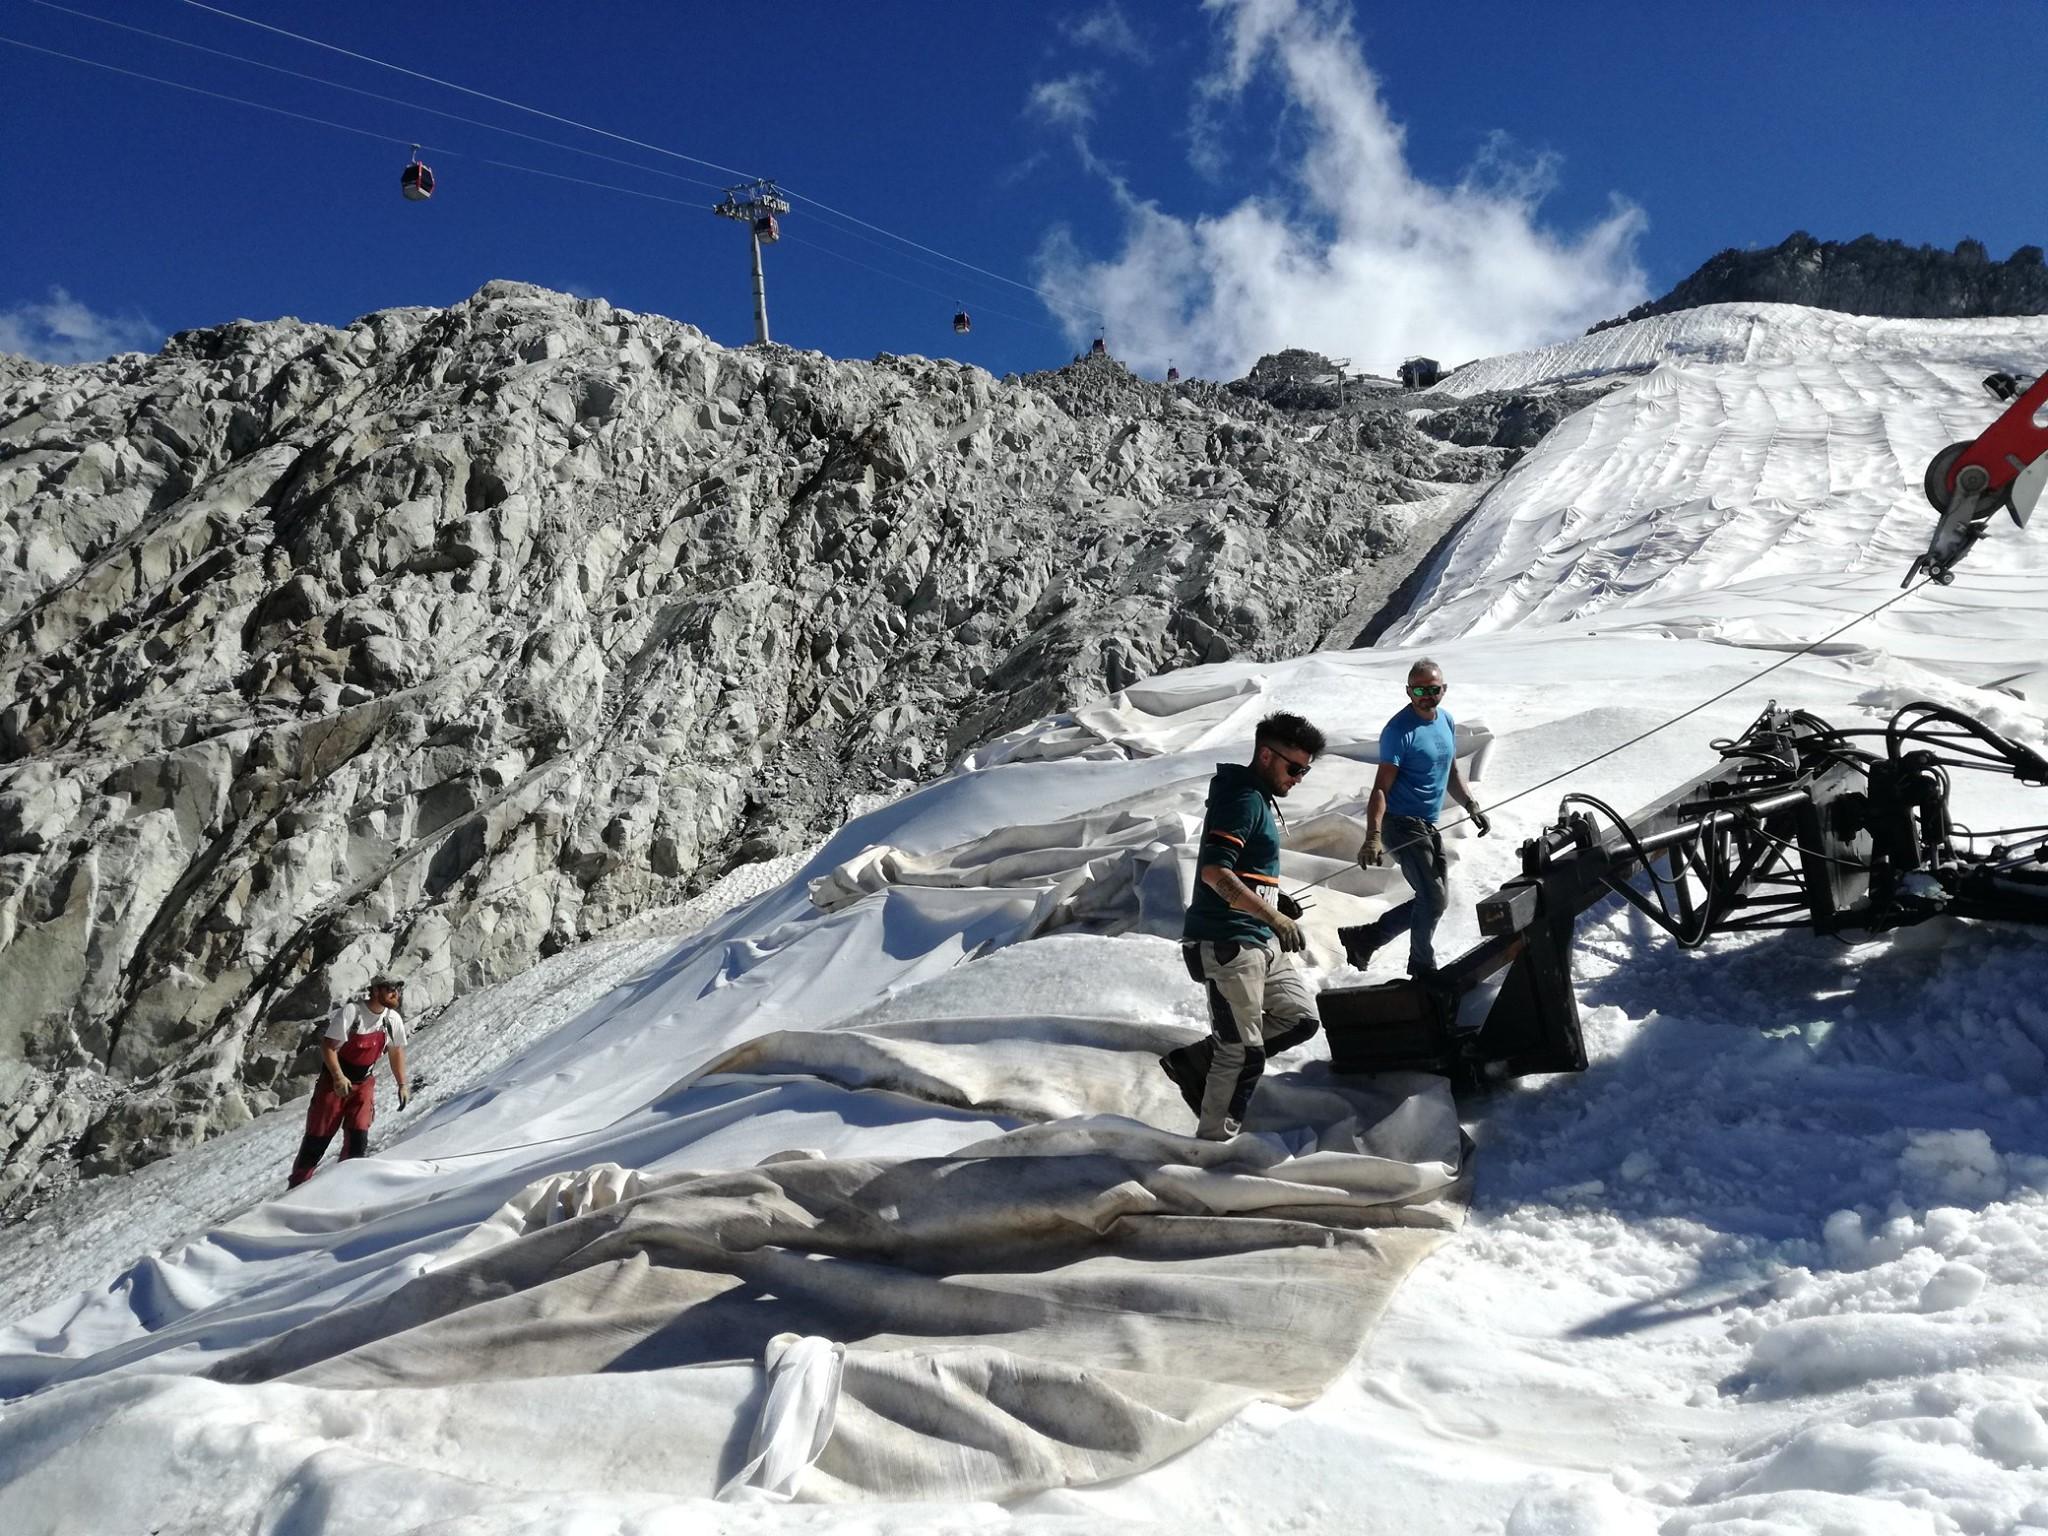 Early seaosn snow in Presena Glacier